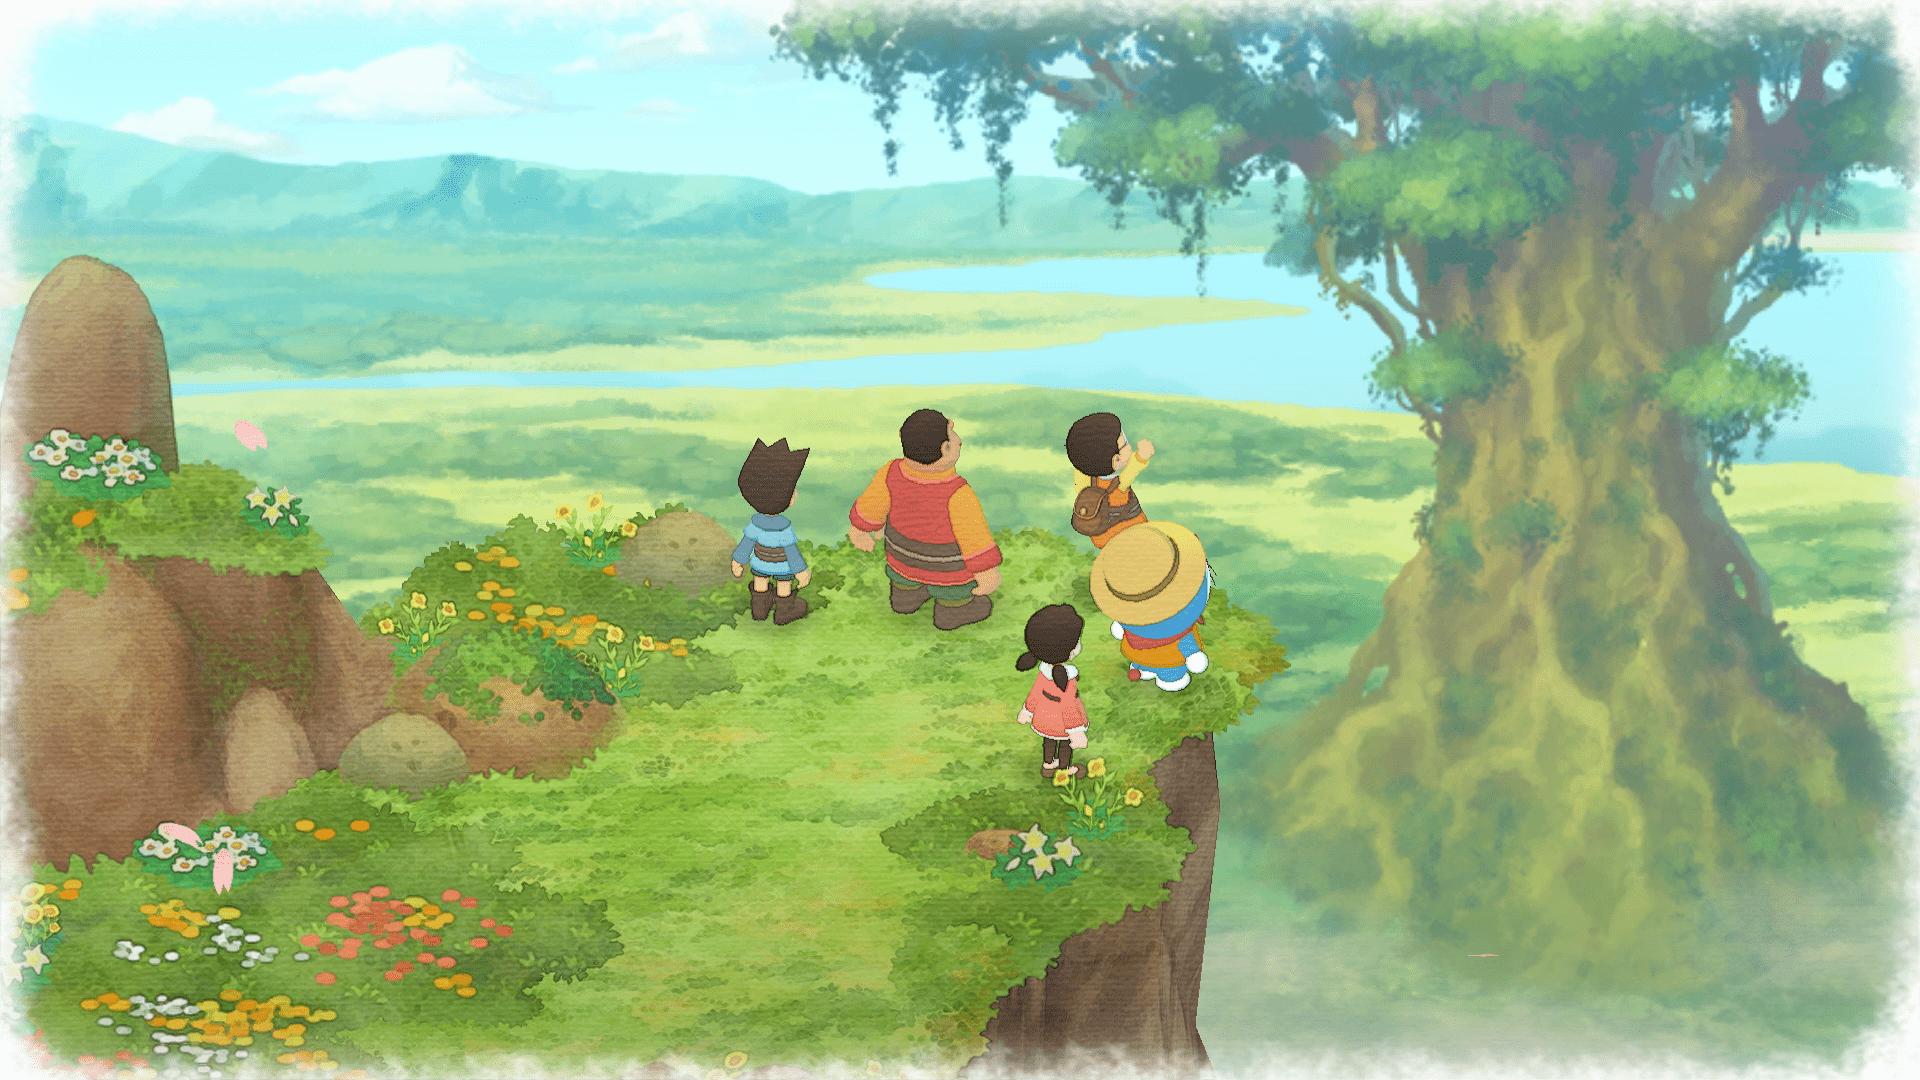 Nuestro cinco amigos empiezan la aventura